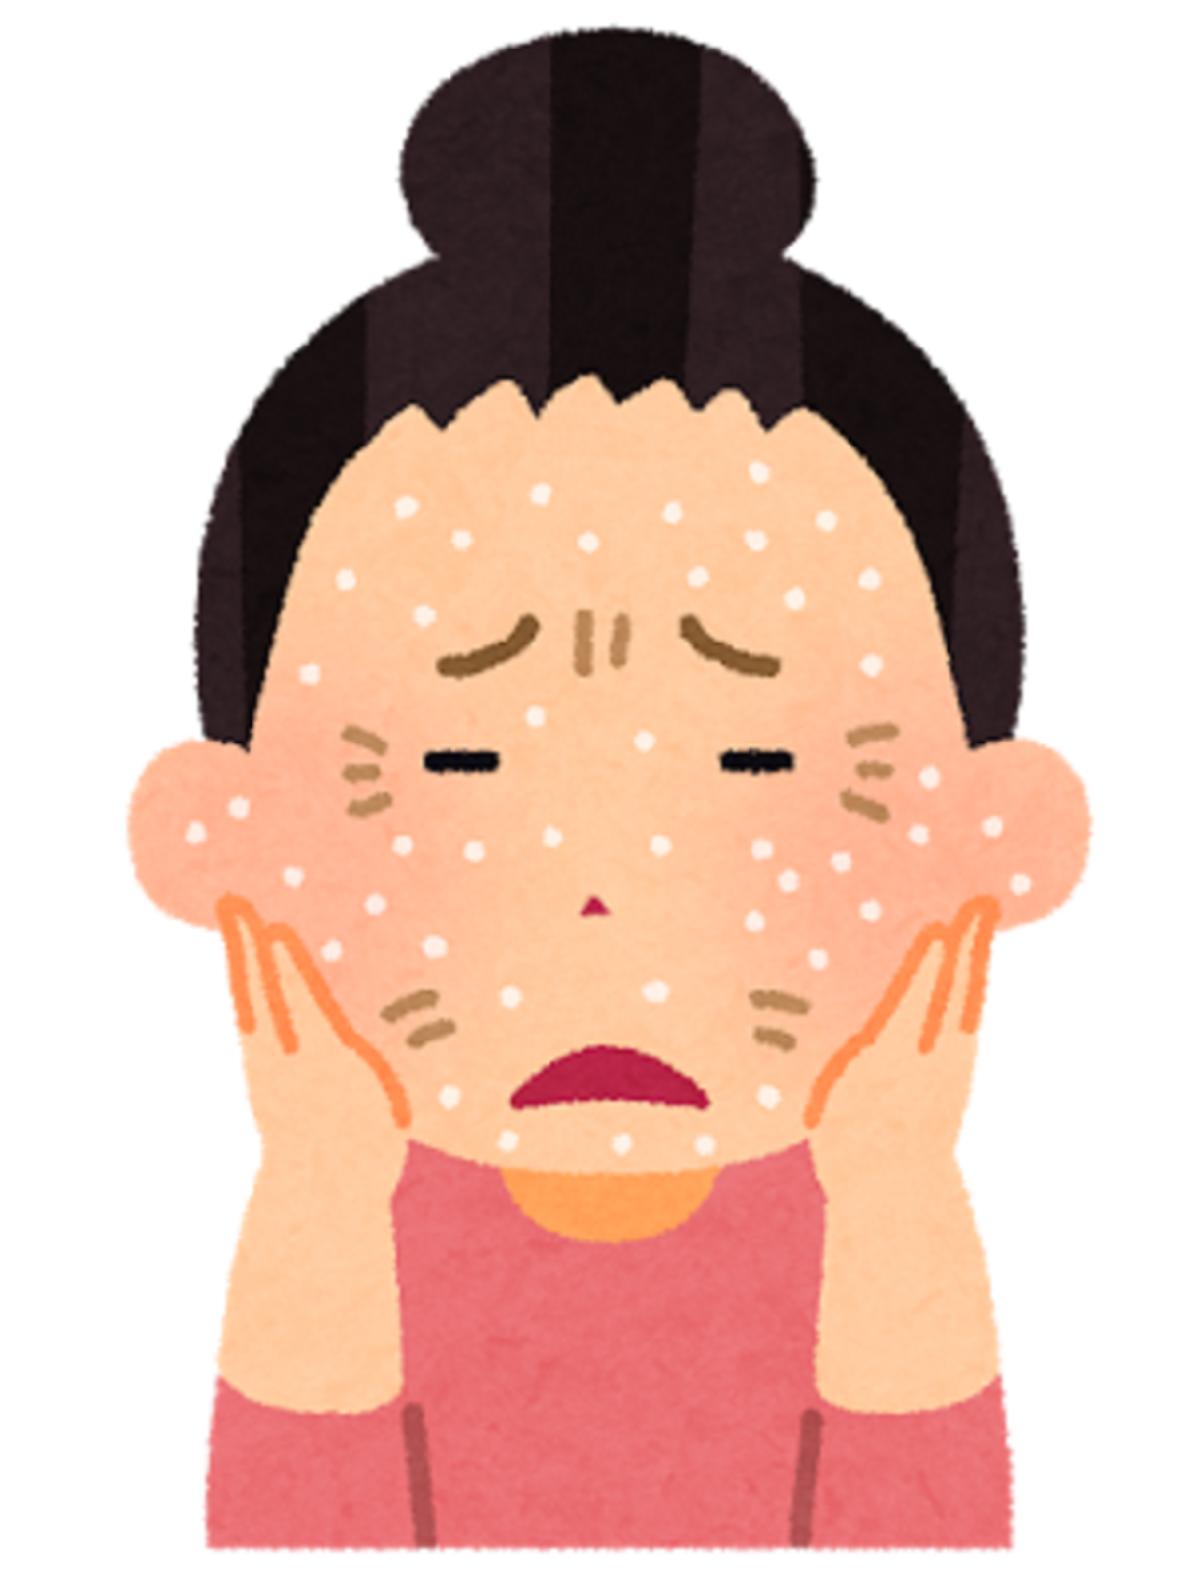 ヒドロキシクロロキン(プラケニル®)による網膜症について